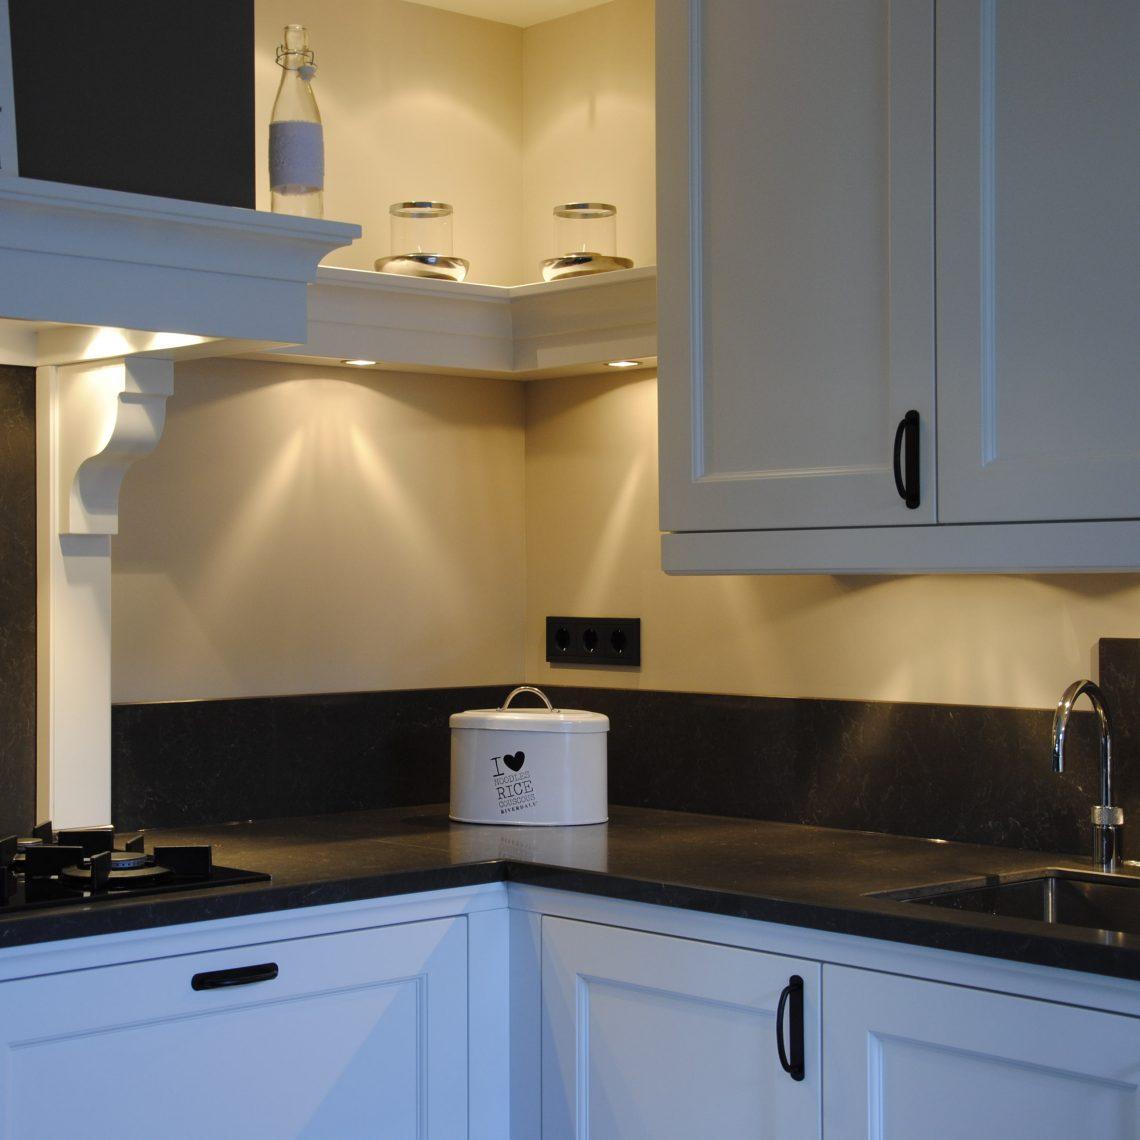 Keuken alphen aan de rijn   keukenhof sliedrecht